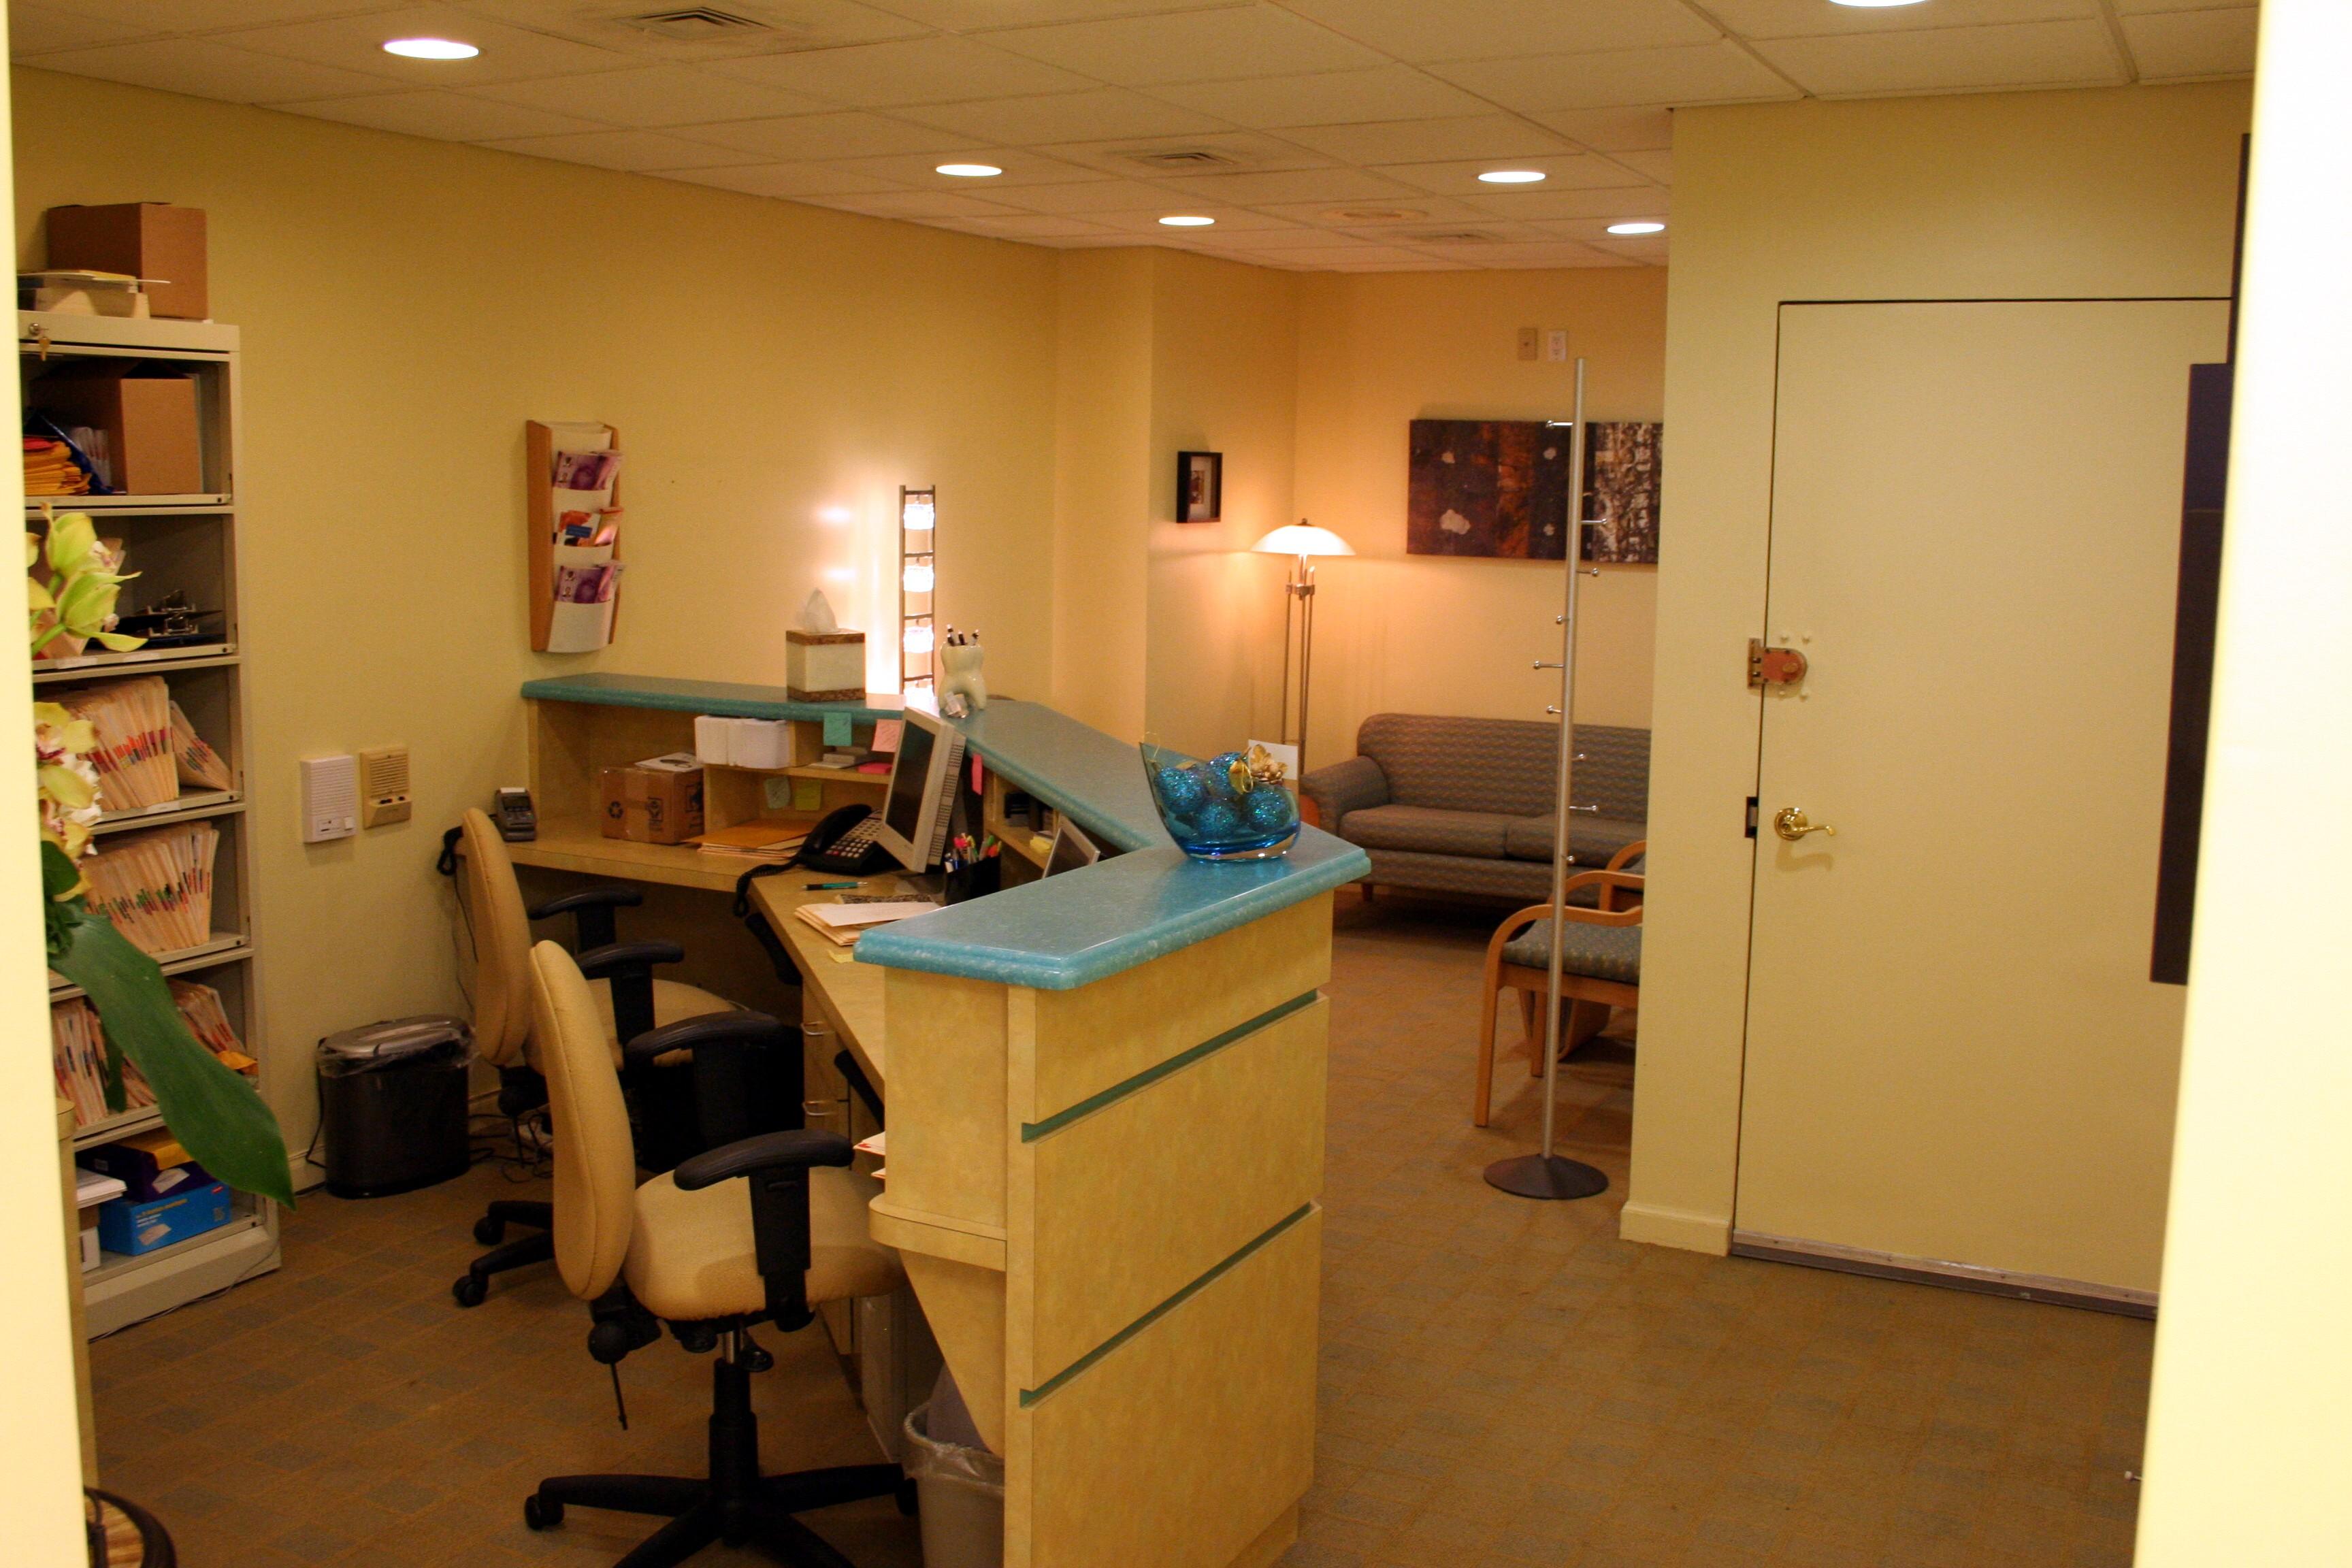 Upper Eastside Orthodontists - New York, NY